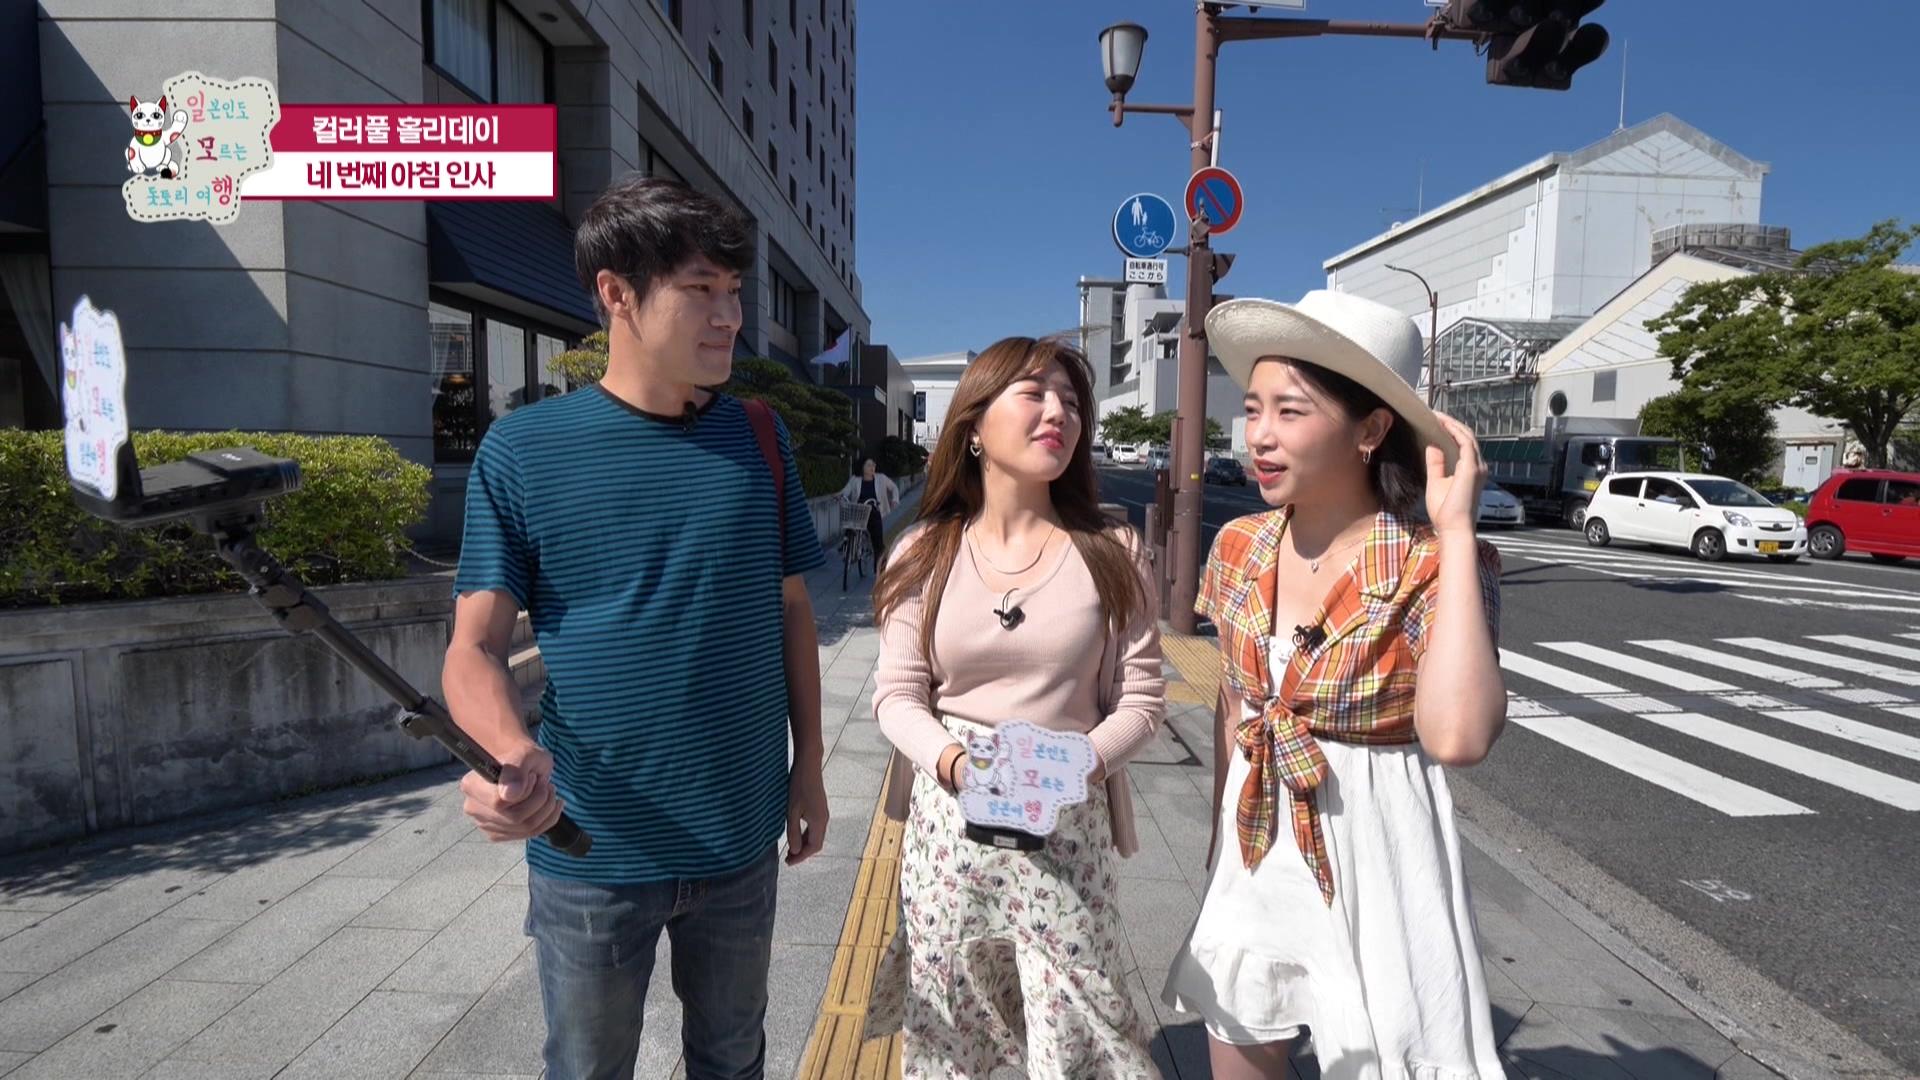 7화 DAY4 : 호텔 하비스트 인 요나고 -> 하나카이로(플라워 테마파크) -> 마스미즈고원(리프트&전망대)